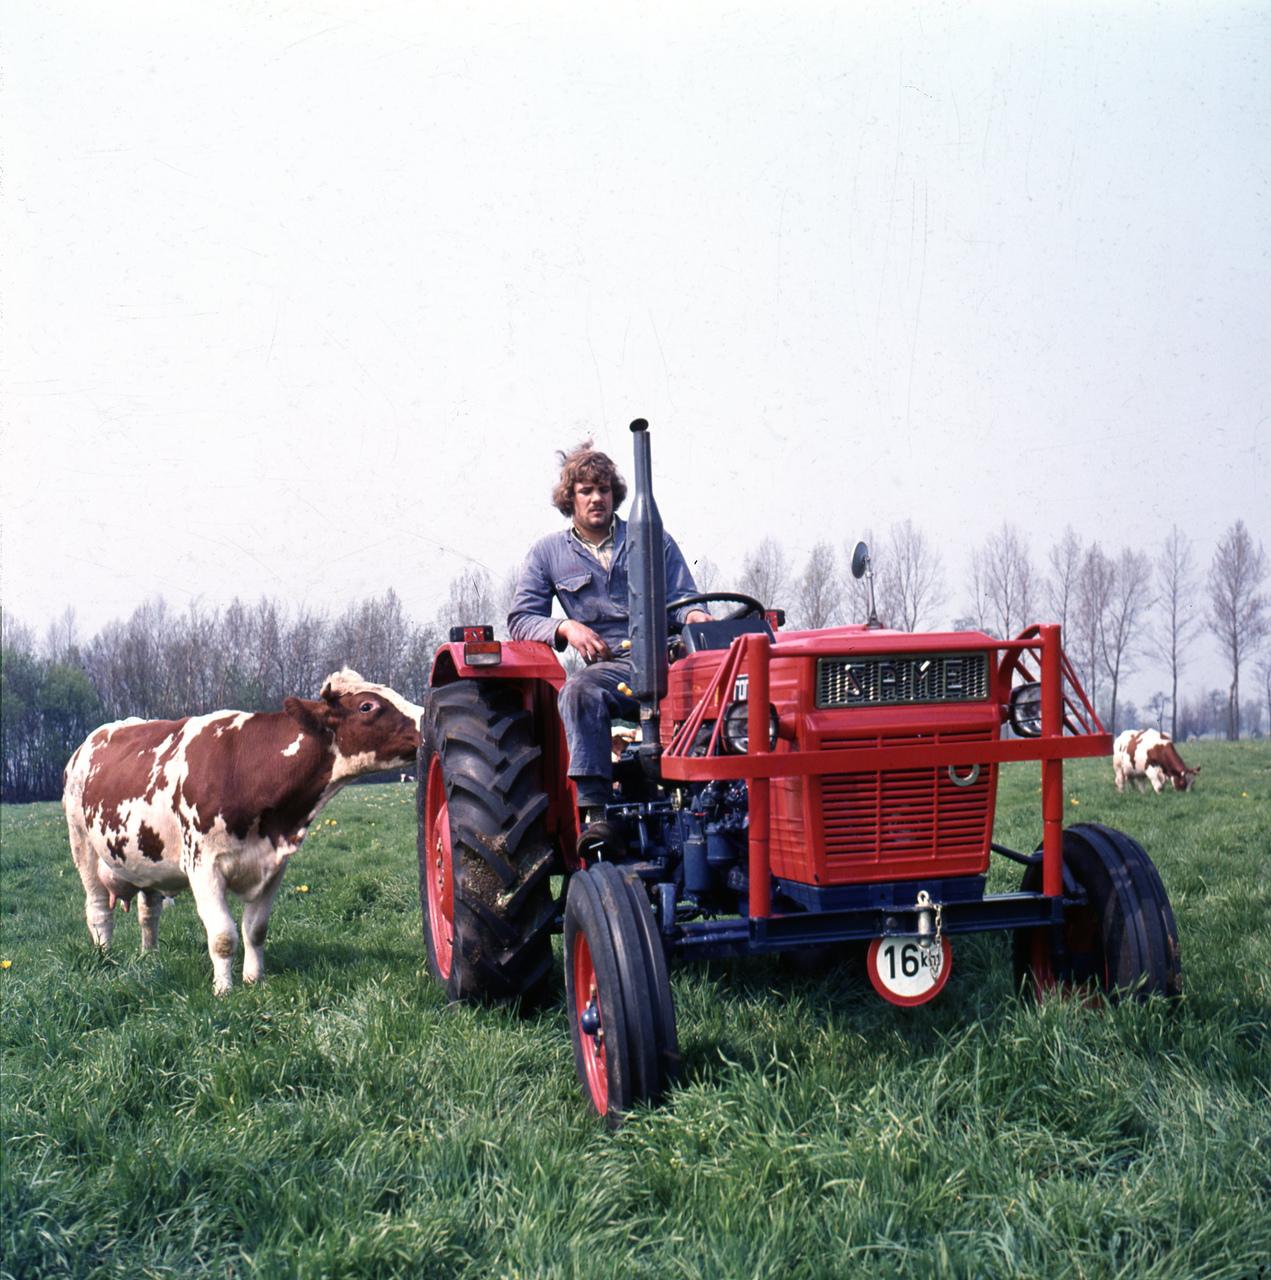 [SAME] Aurora 45 nel pascolo - (lett. Cebeco del 9/5/1972), Olanda